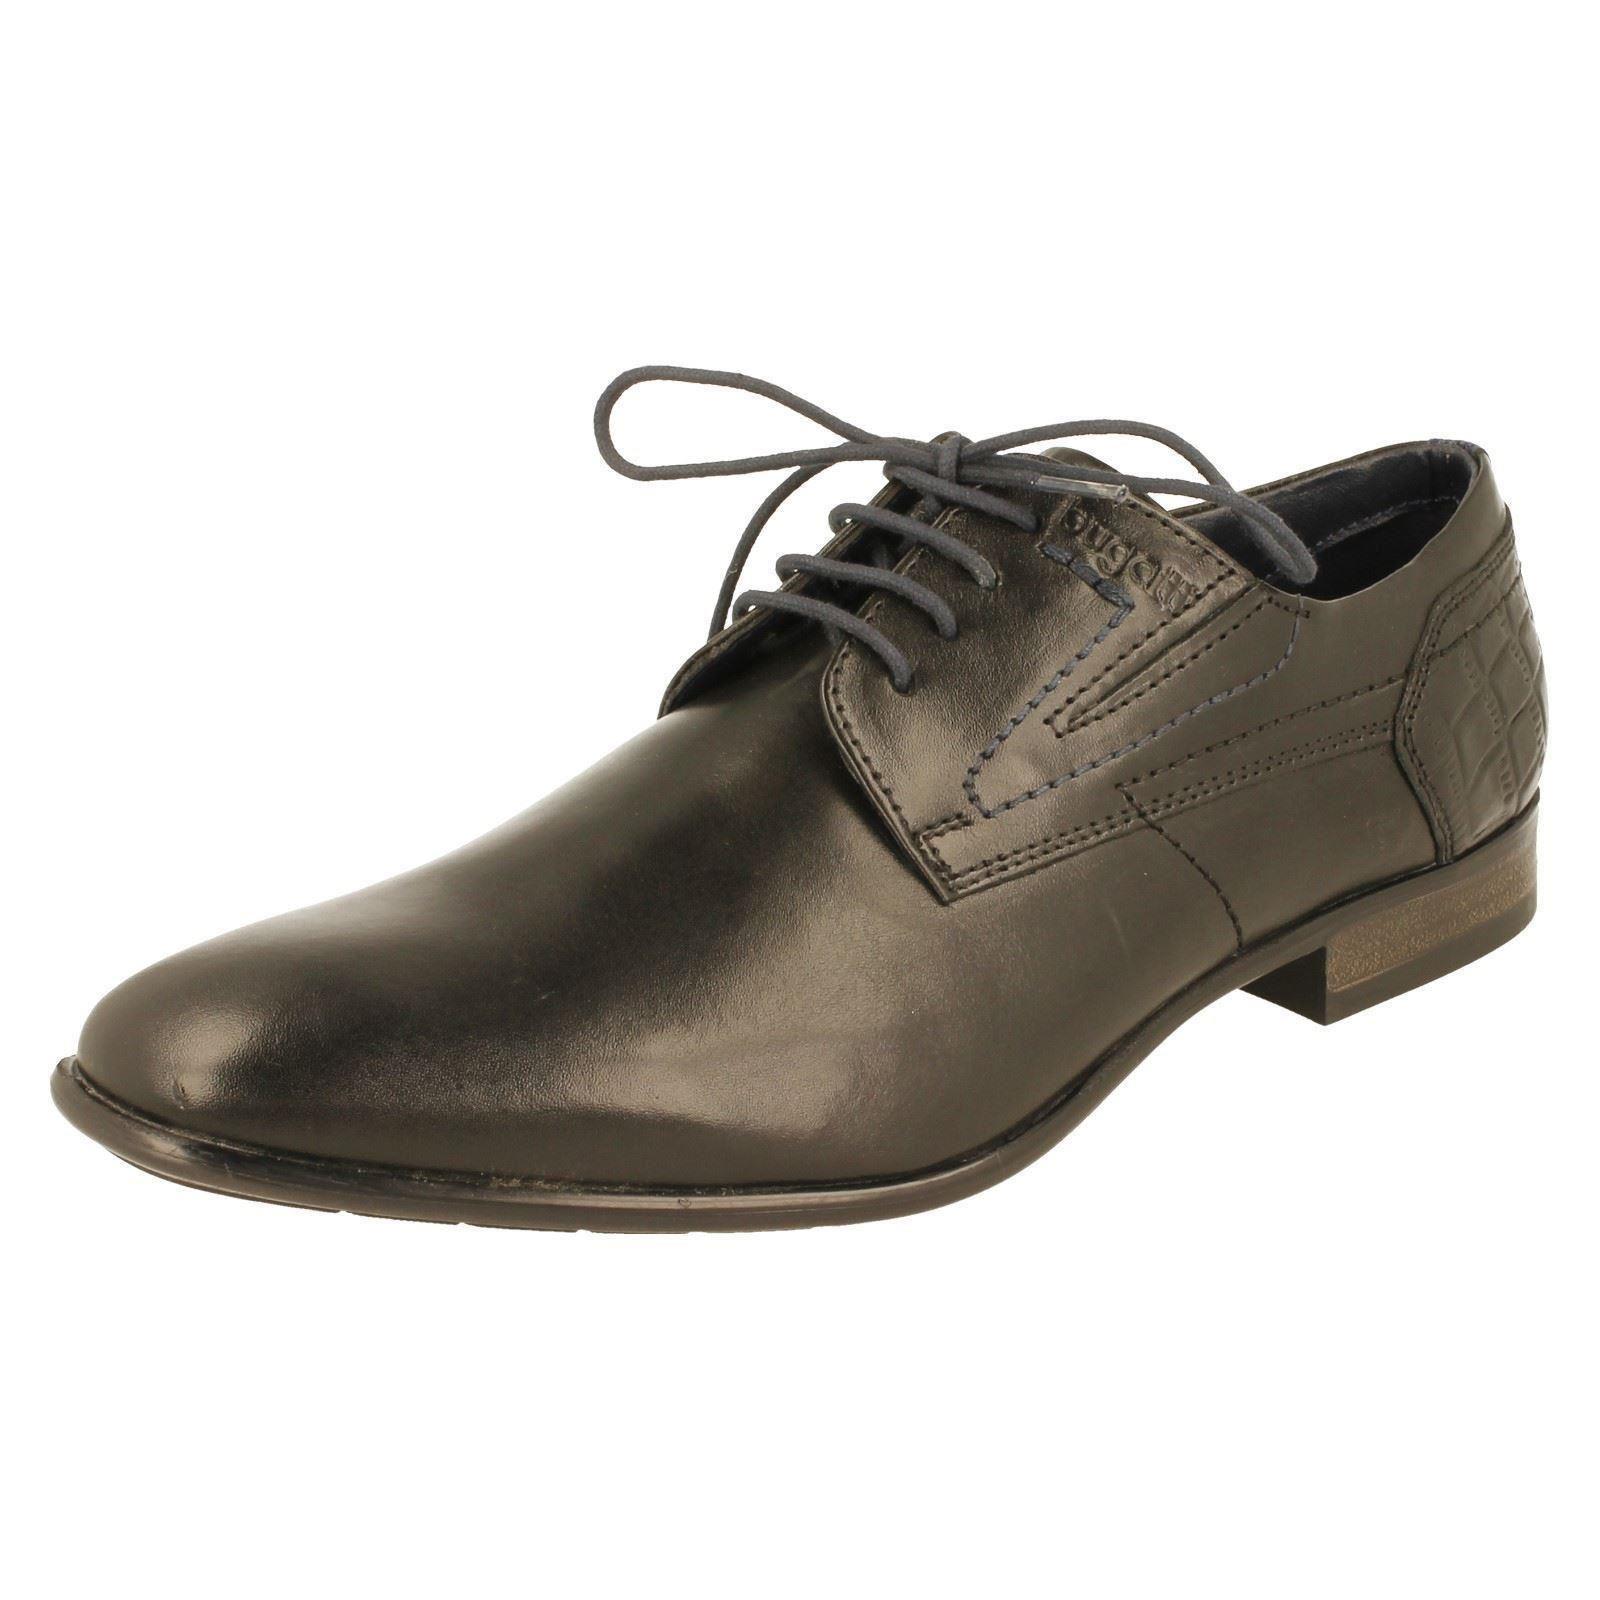 Scarpe da Uomo BUGATTI formale lo stile 311-18801-1000-1000 - W Scarpe classiche da uomo